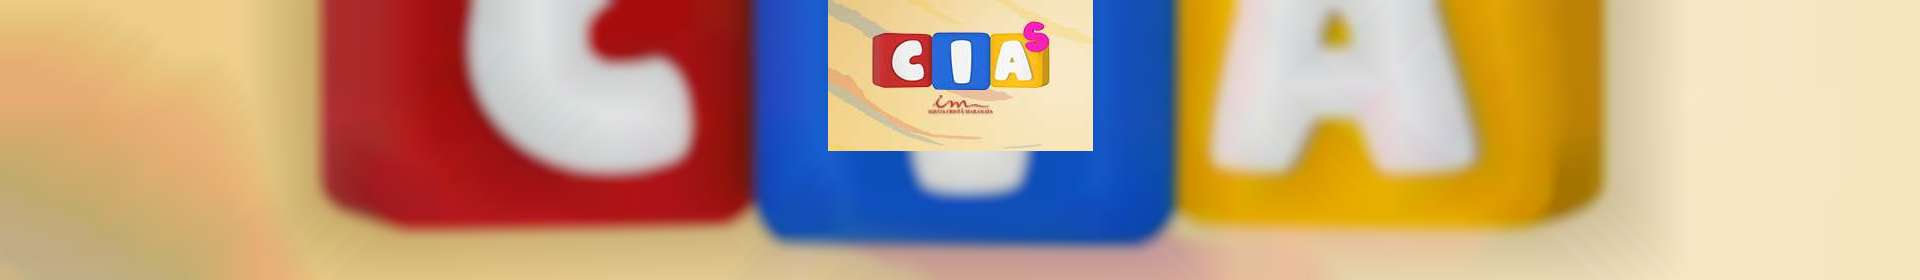 Aula de CIAS: classe de 7 a 11 anos - 31 de março de 2020